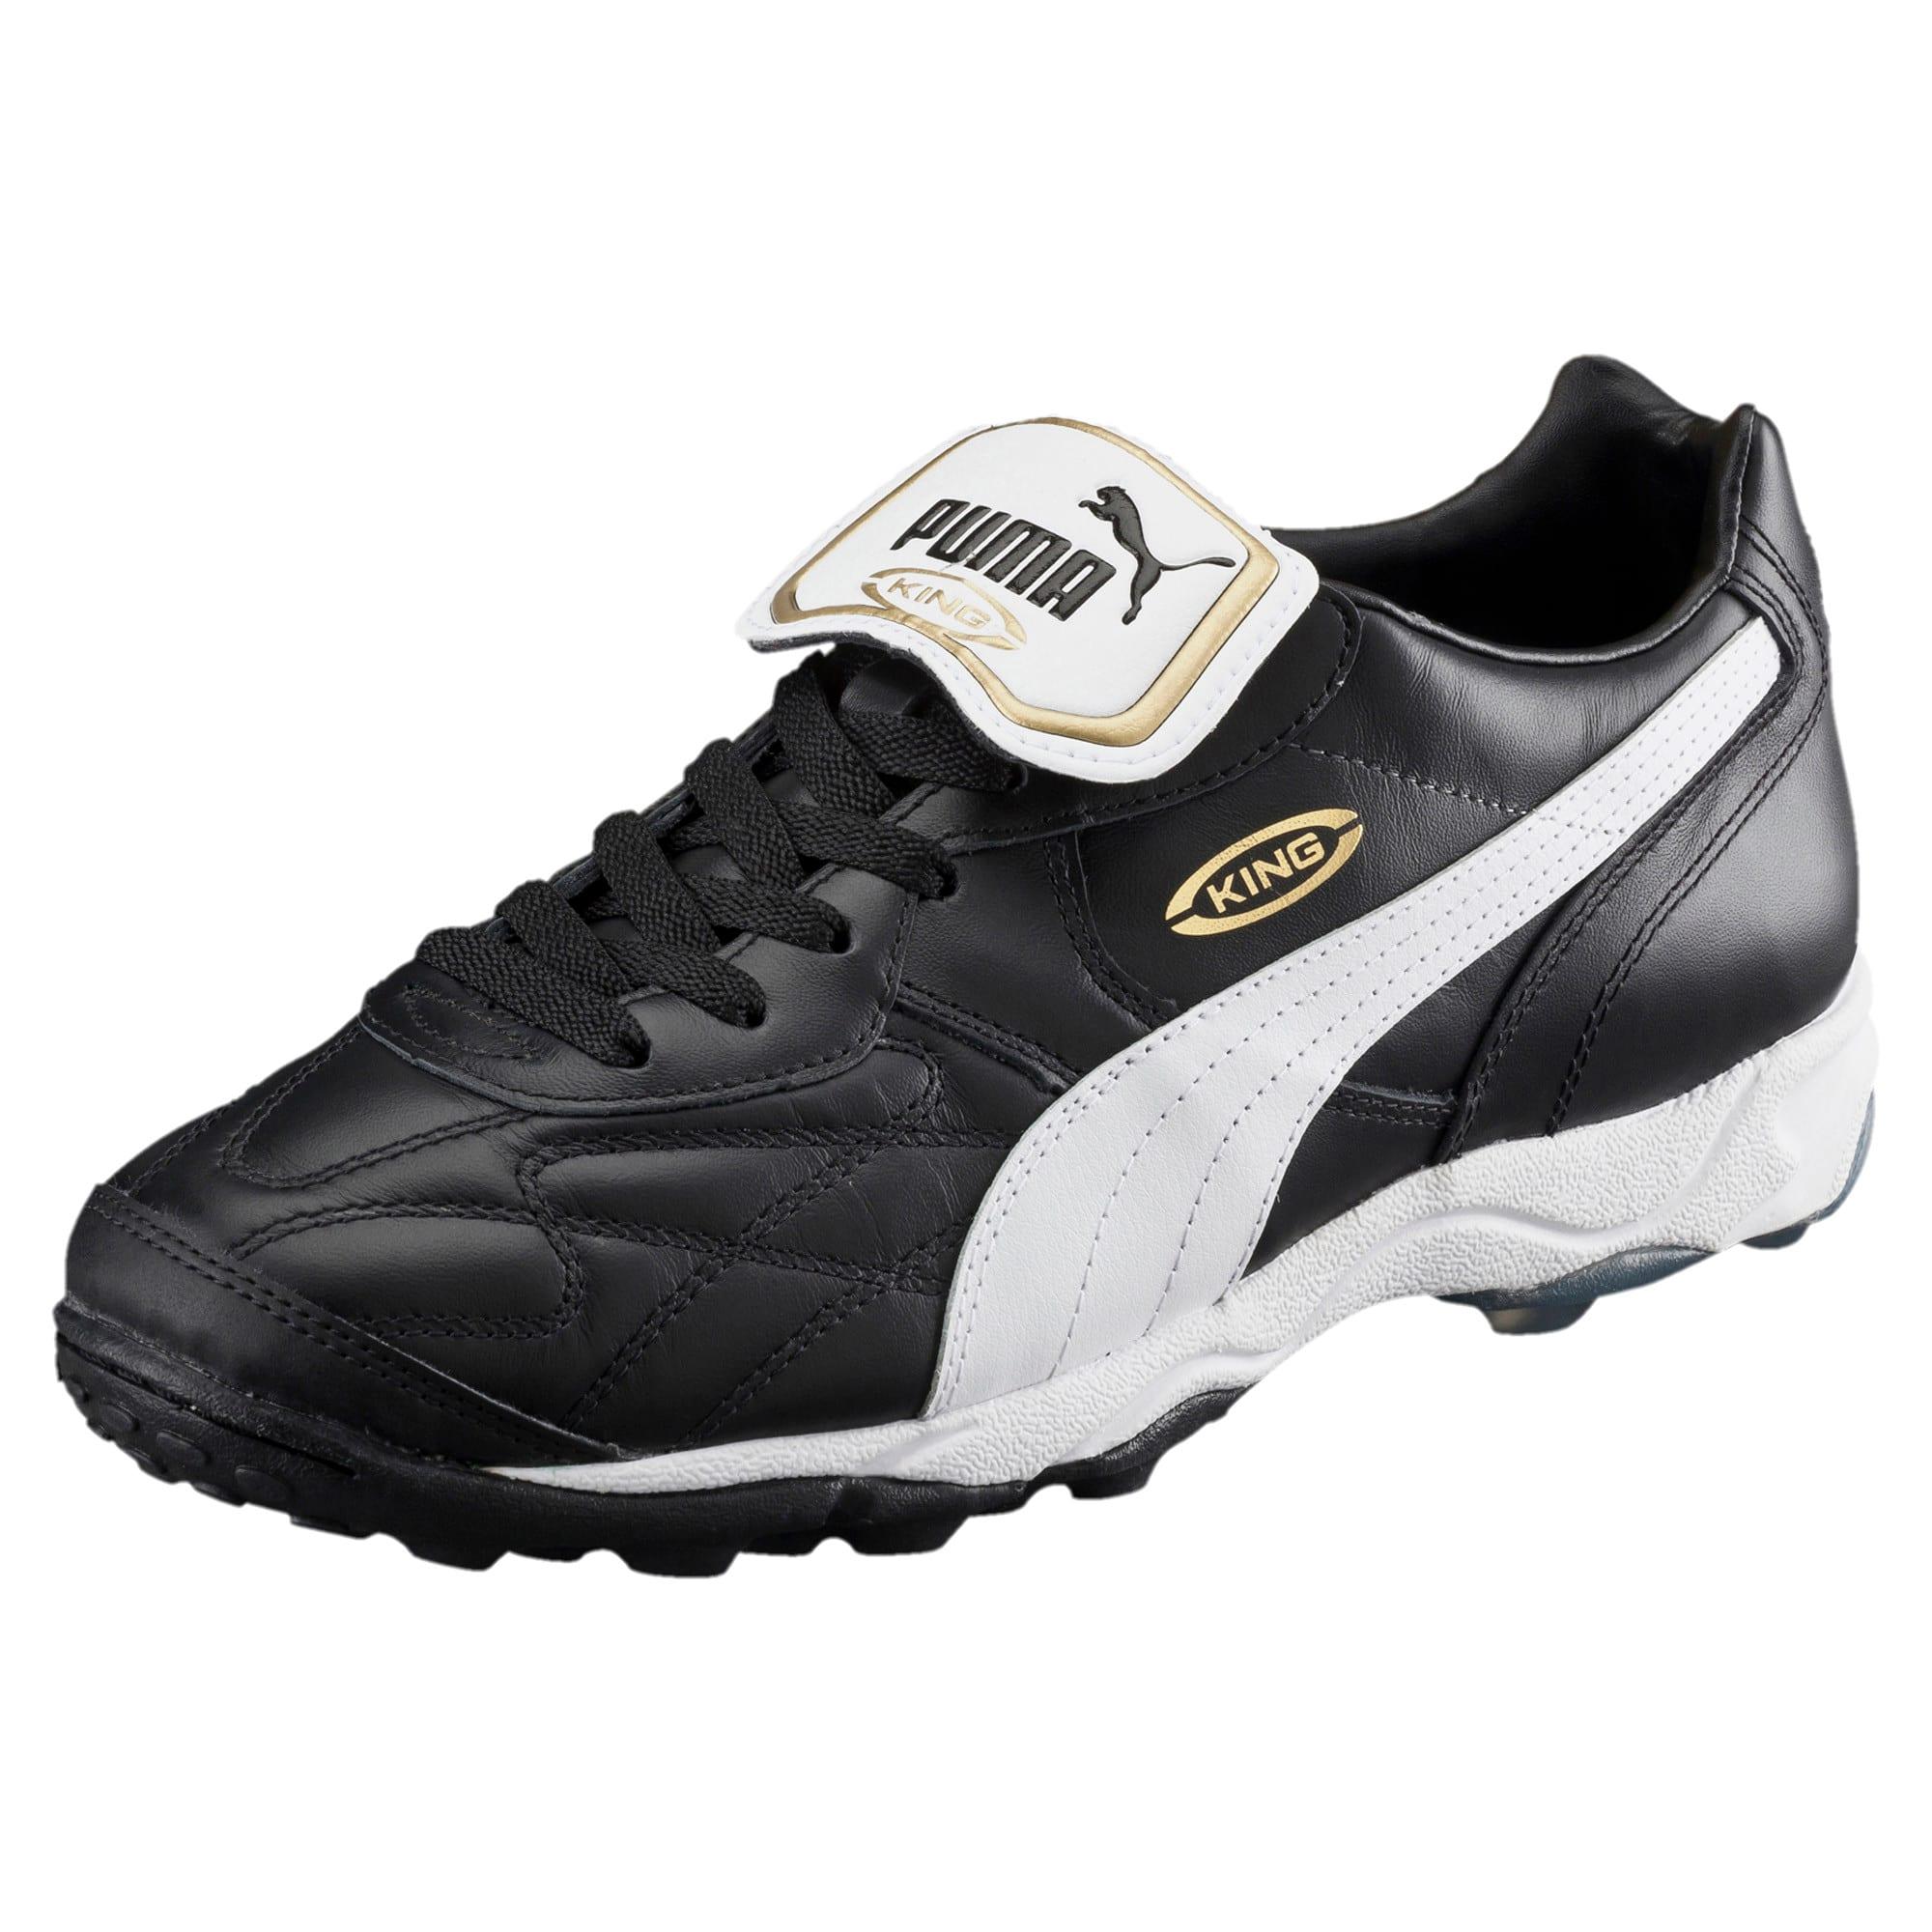 Thumbnail 1 of King Allround TT Men's Soccer Shoes, black-white-team gold, medium